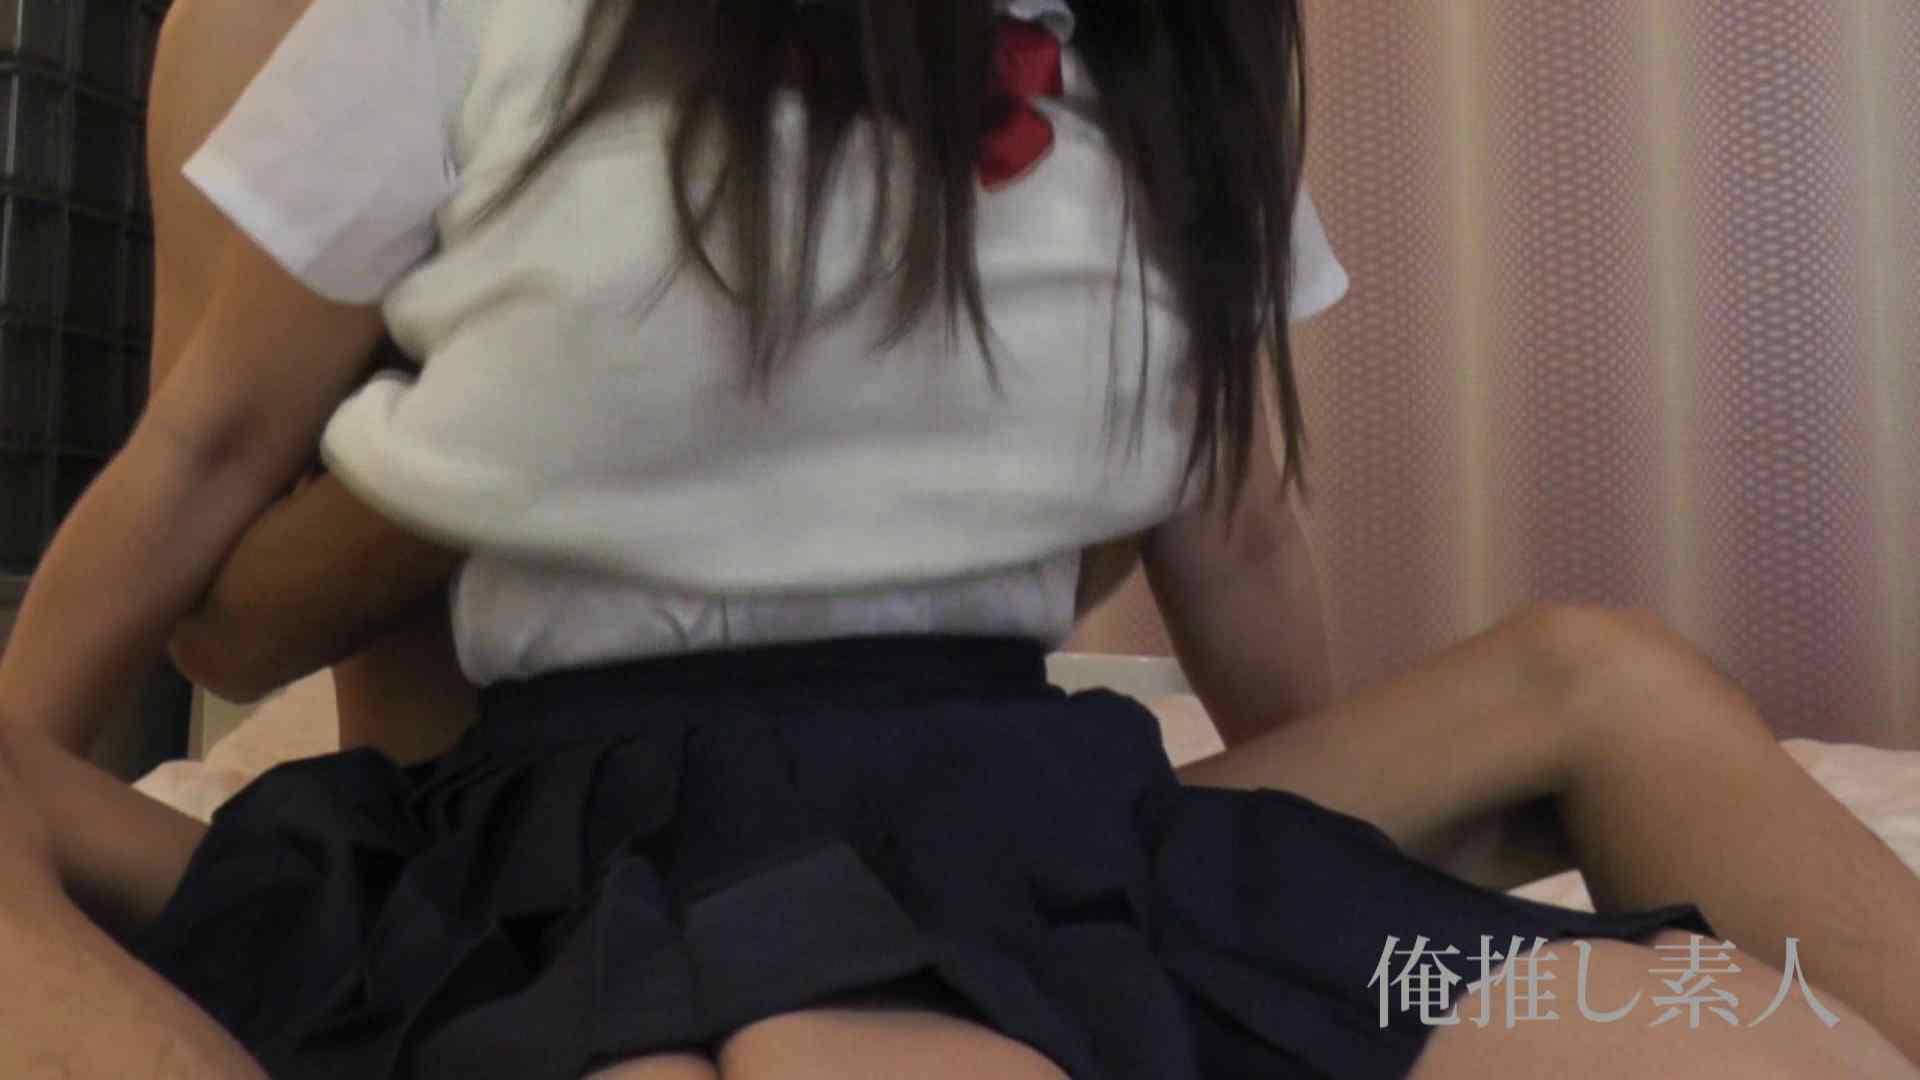 俺推し素人 EカップシングルマザーOL30歳瑤子vol4 0   0  113pic 36